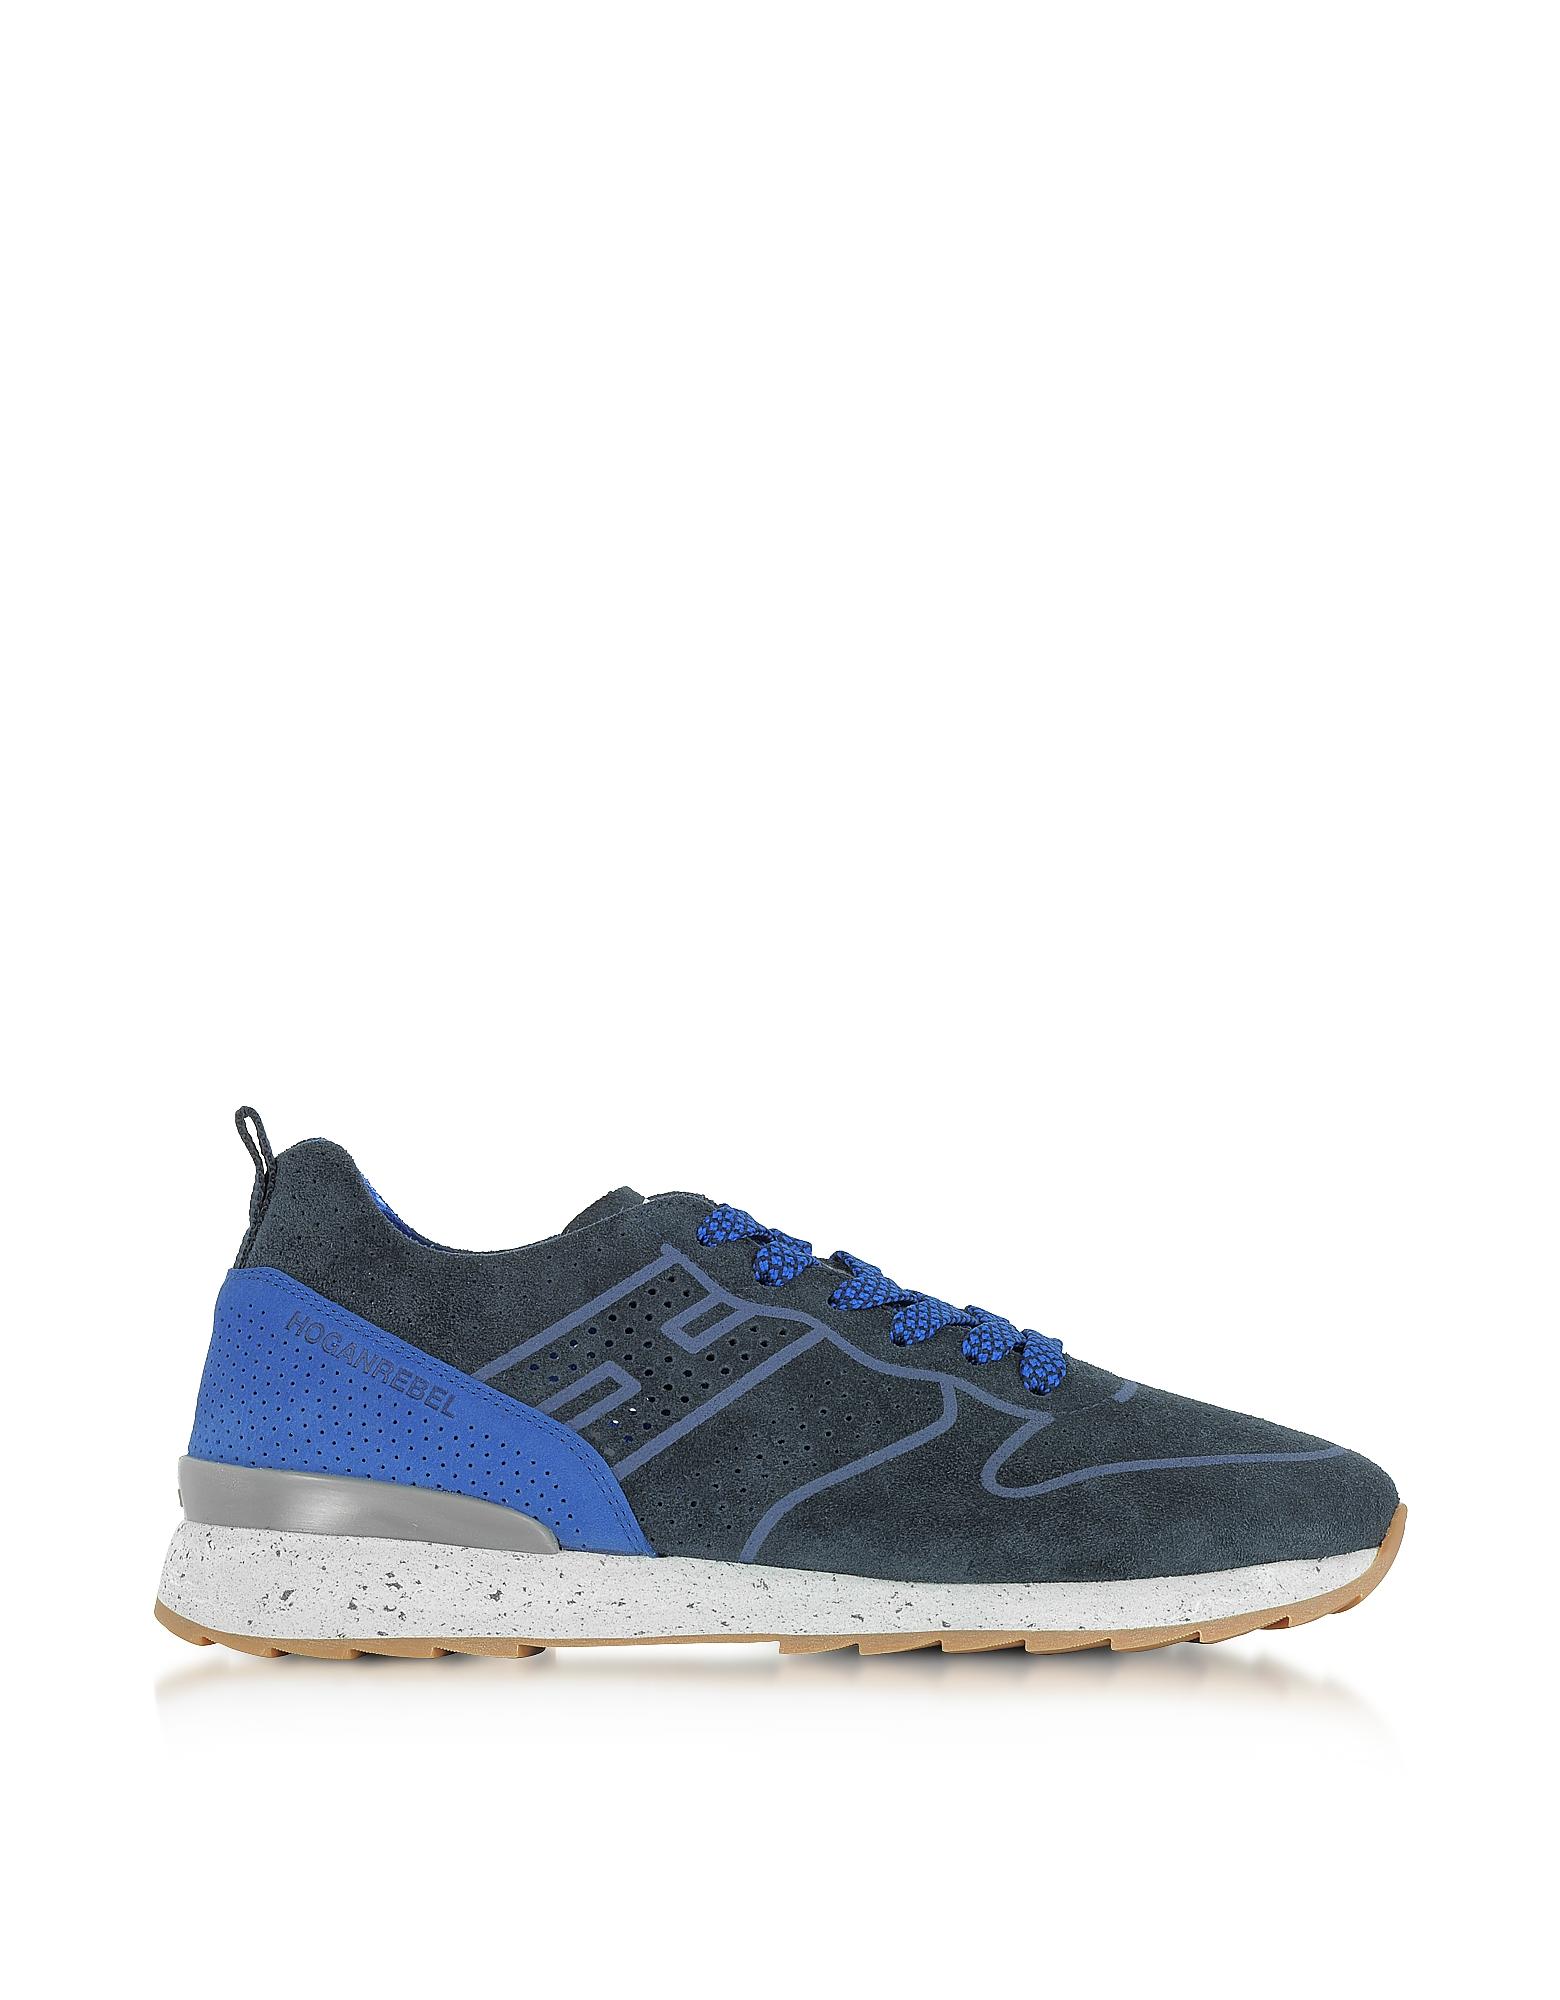 R261 - Синие Перфорированные Мужские Кроссовки из Замши